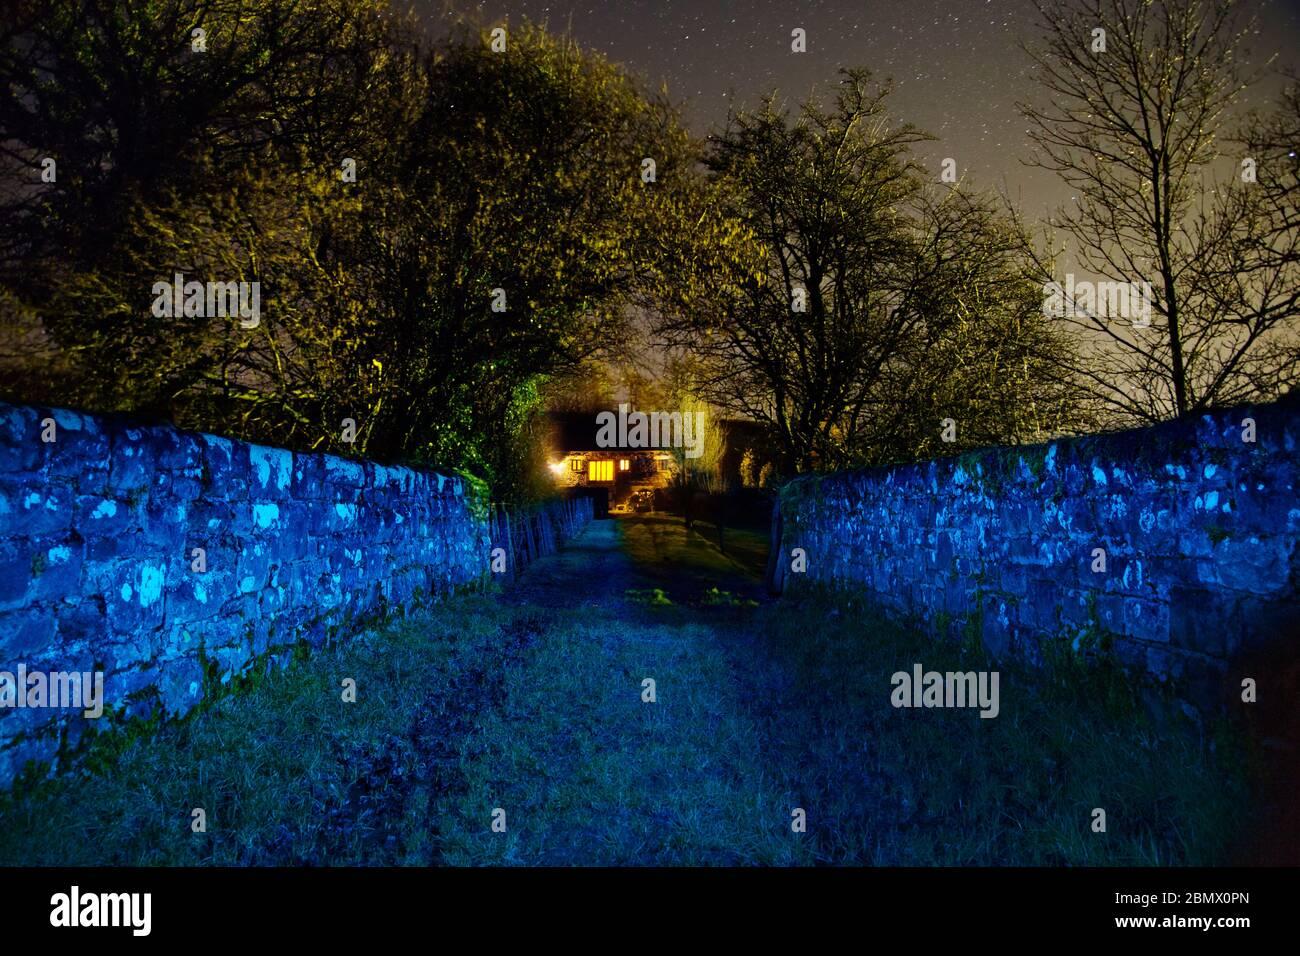 Photographie de peinture légère avec des lumières colorées Banque D'Images